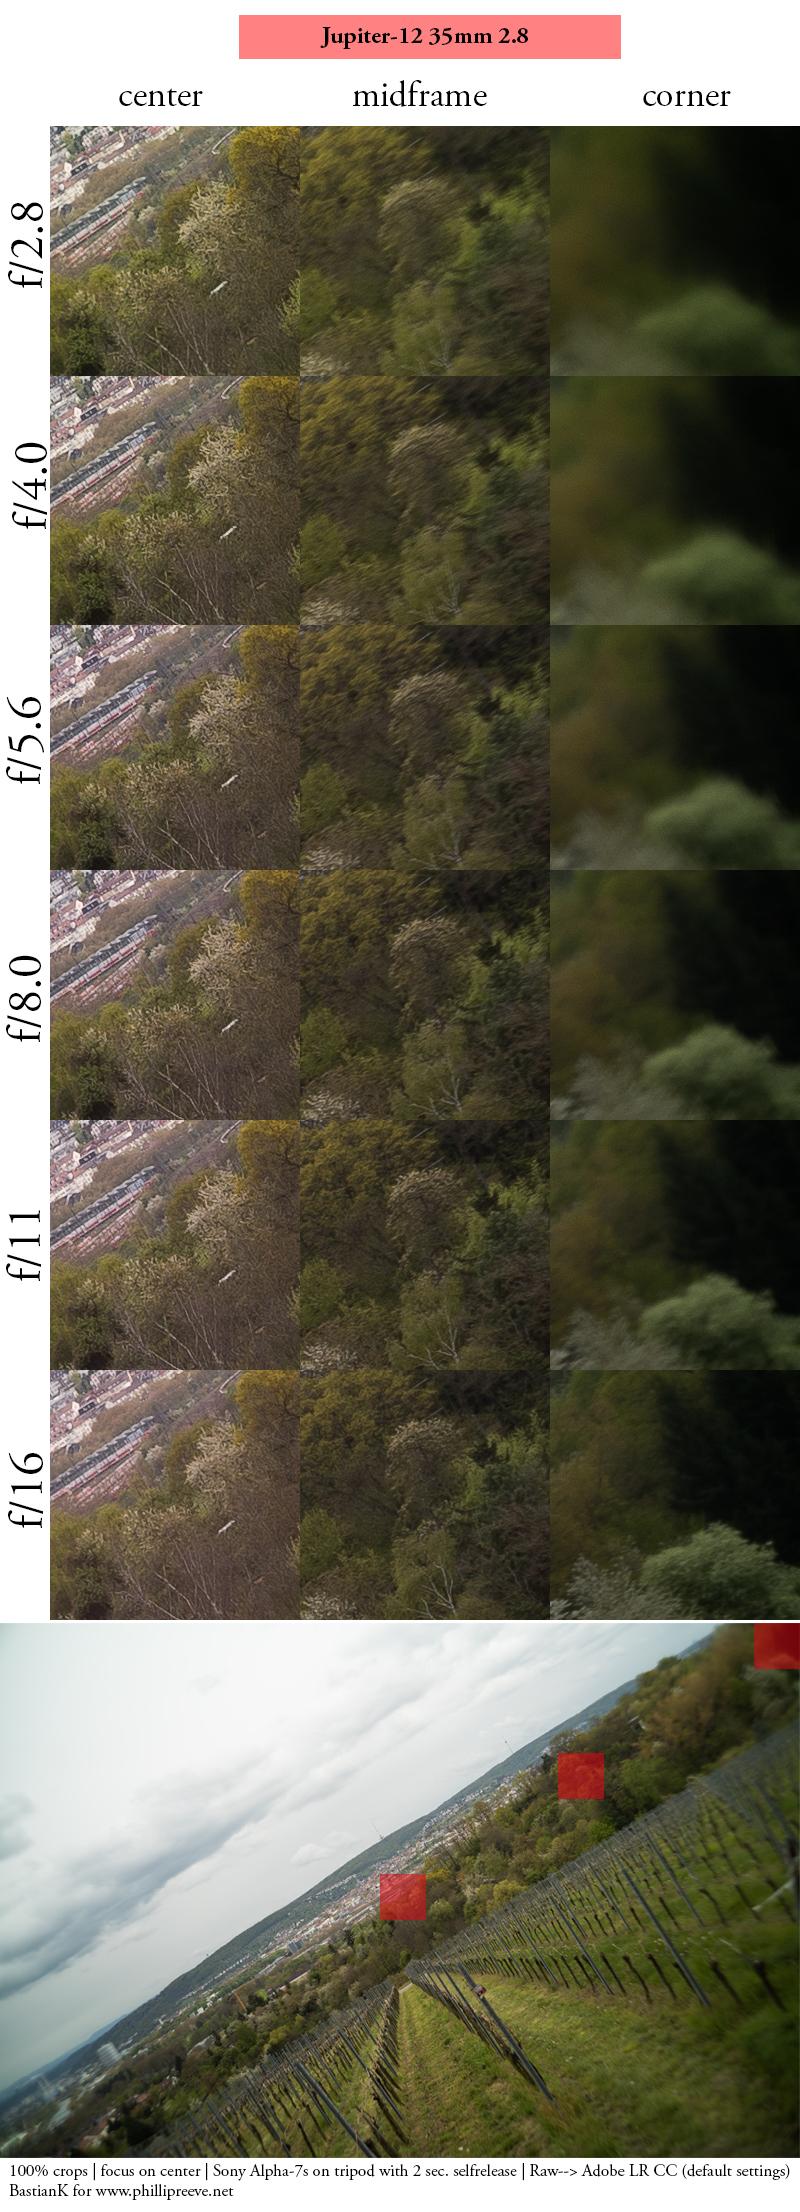 jupiter-12 35mm 2.8 sony a7s sony-emount sharpness infinity